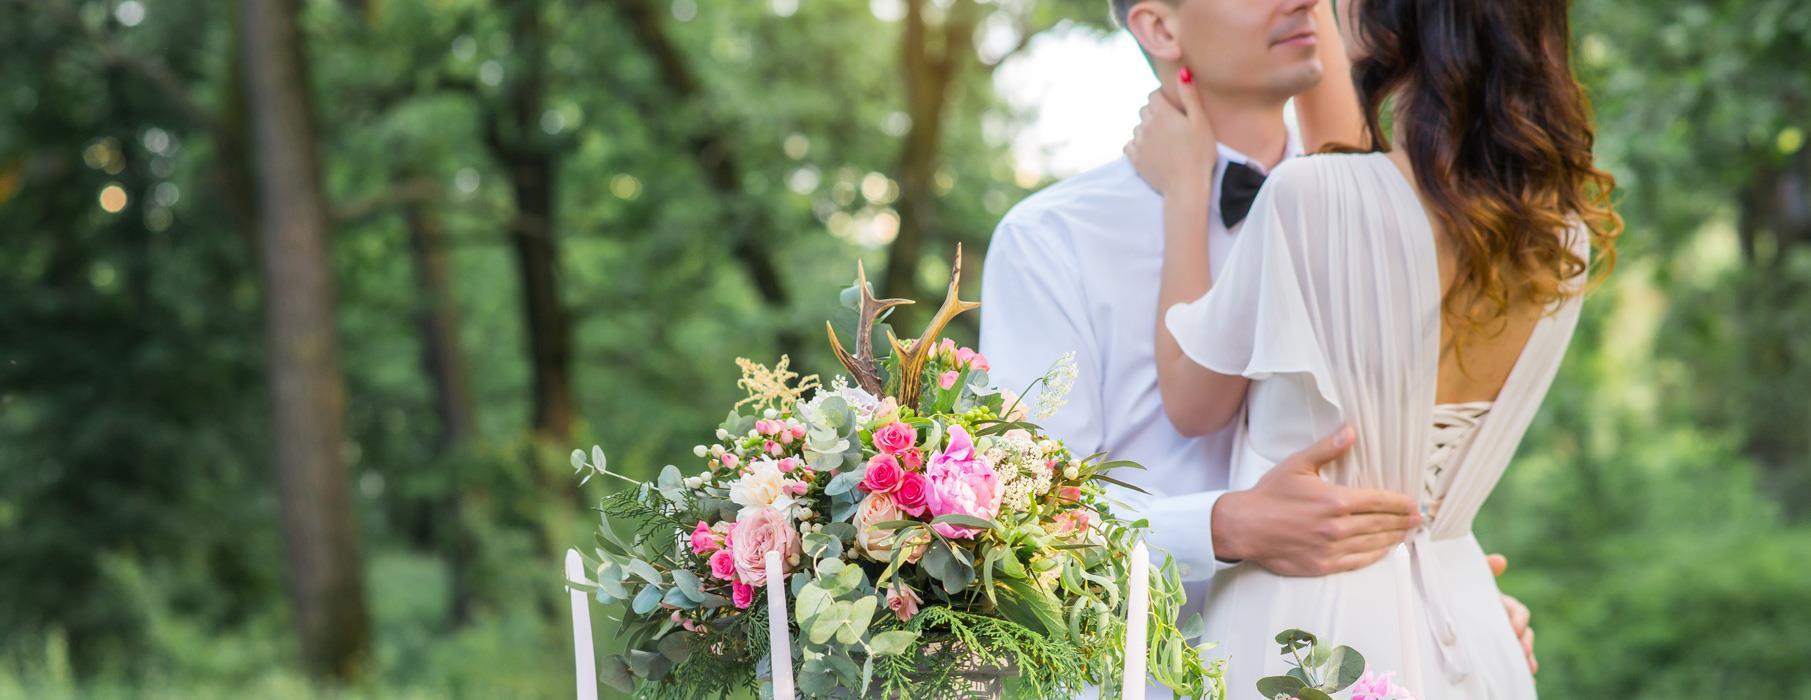 Abiti da sposa boho-chic  romanticismo ed eleganza per la sposa 2019 2bbbc3a97adf